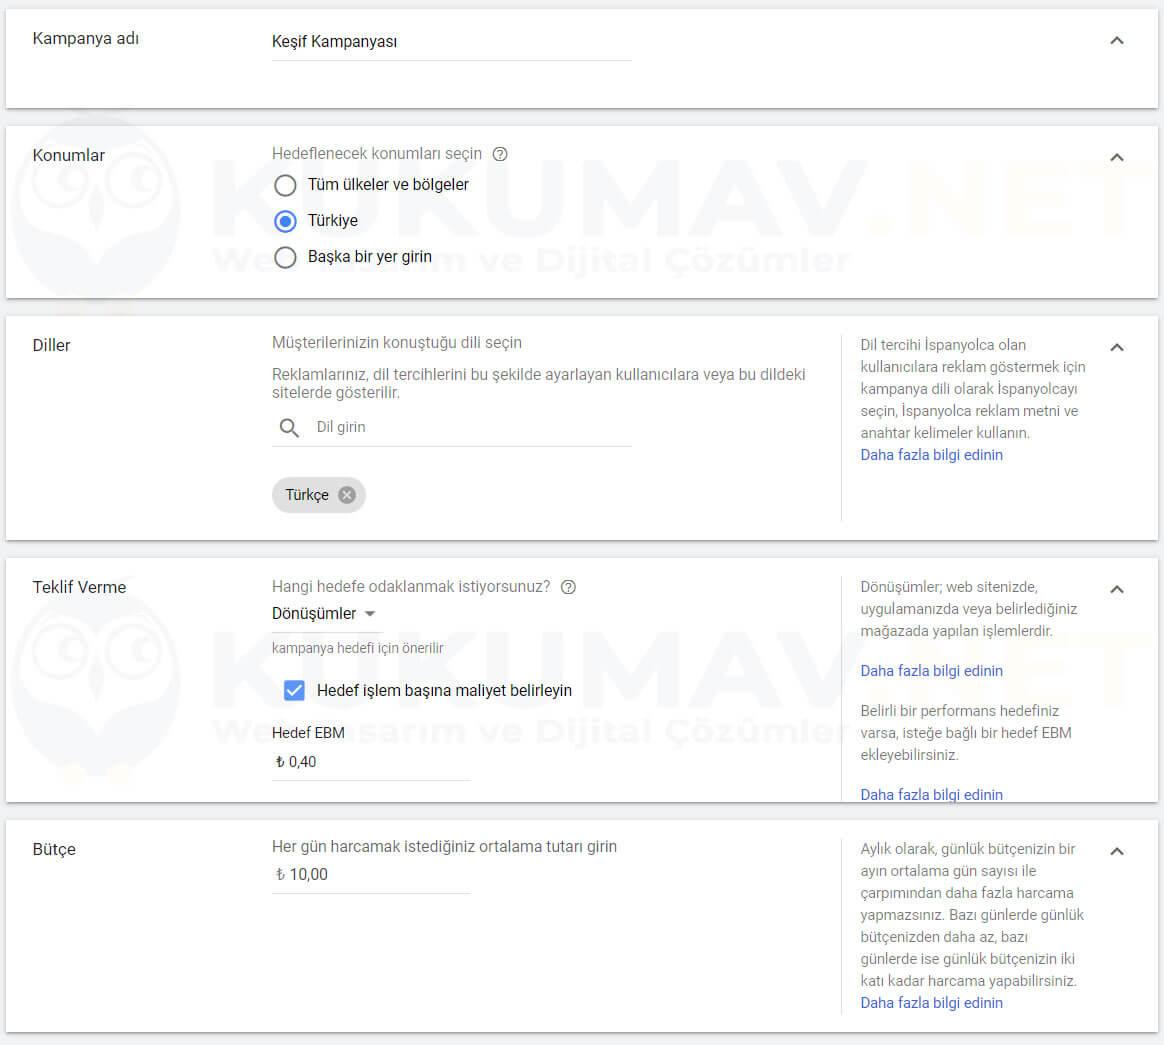 Google Keşfet Kampanya Oluşturma